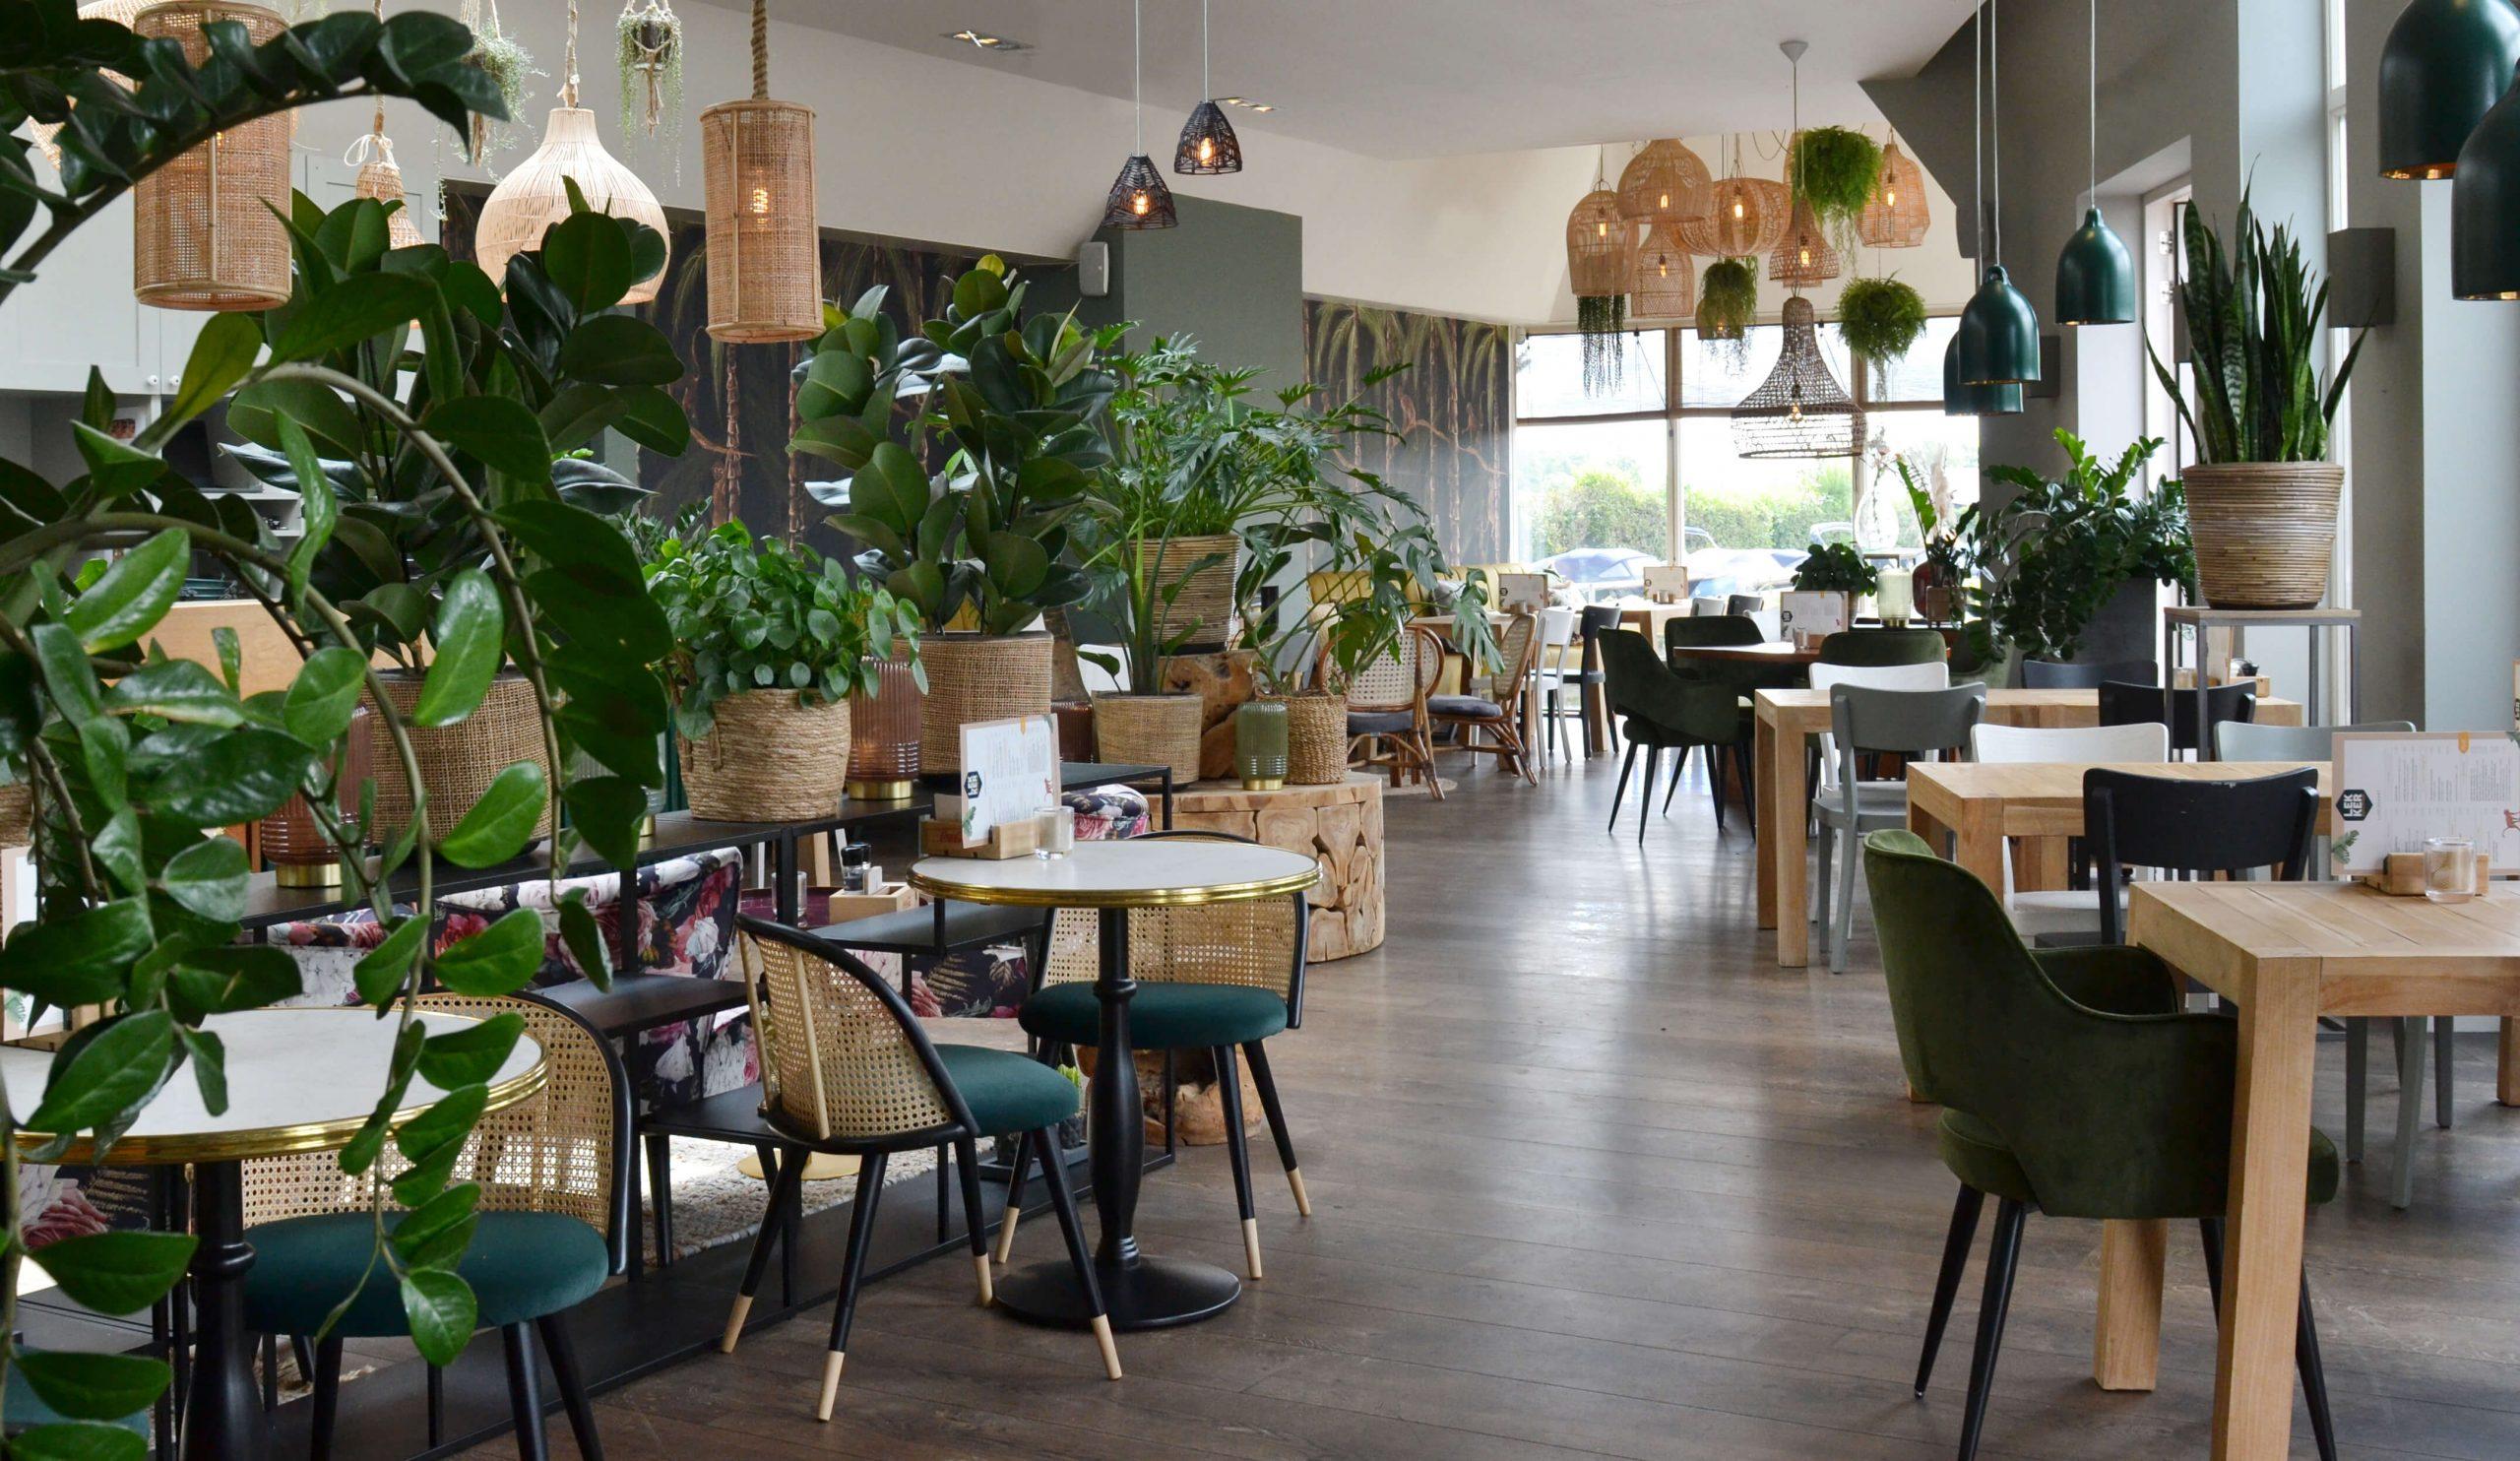 Restaurant LKKR - Nieuwkoop By Gwen Hoopman